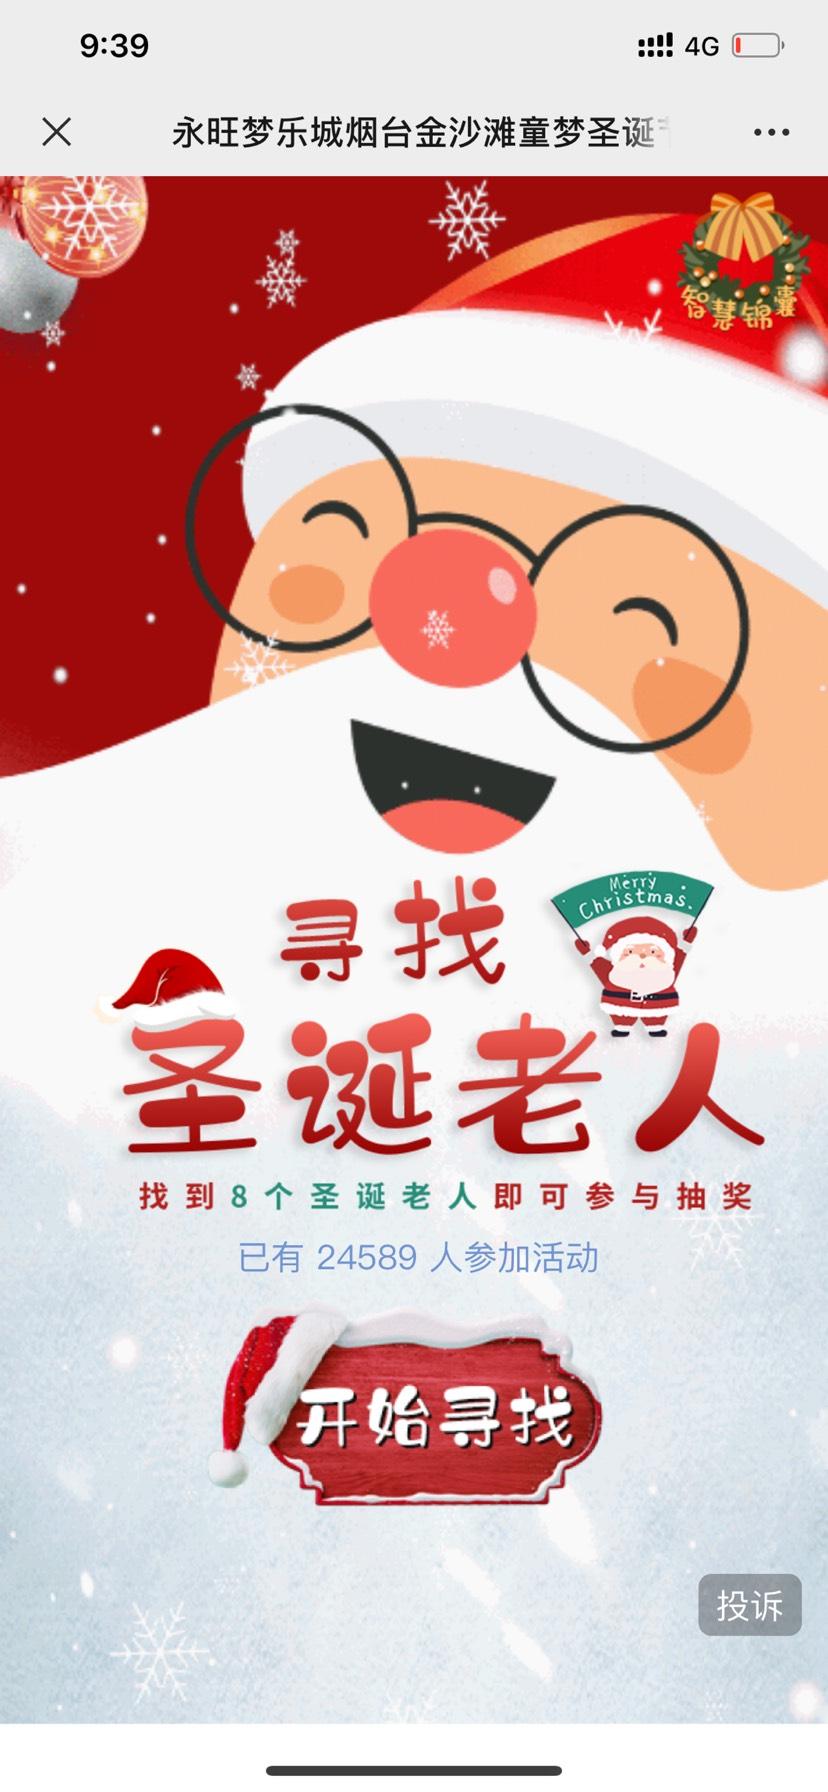 【现金红包】永旺圣诞福利-聚合资源网